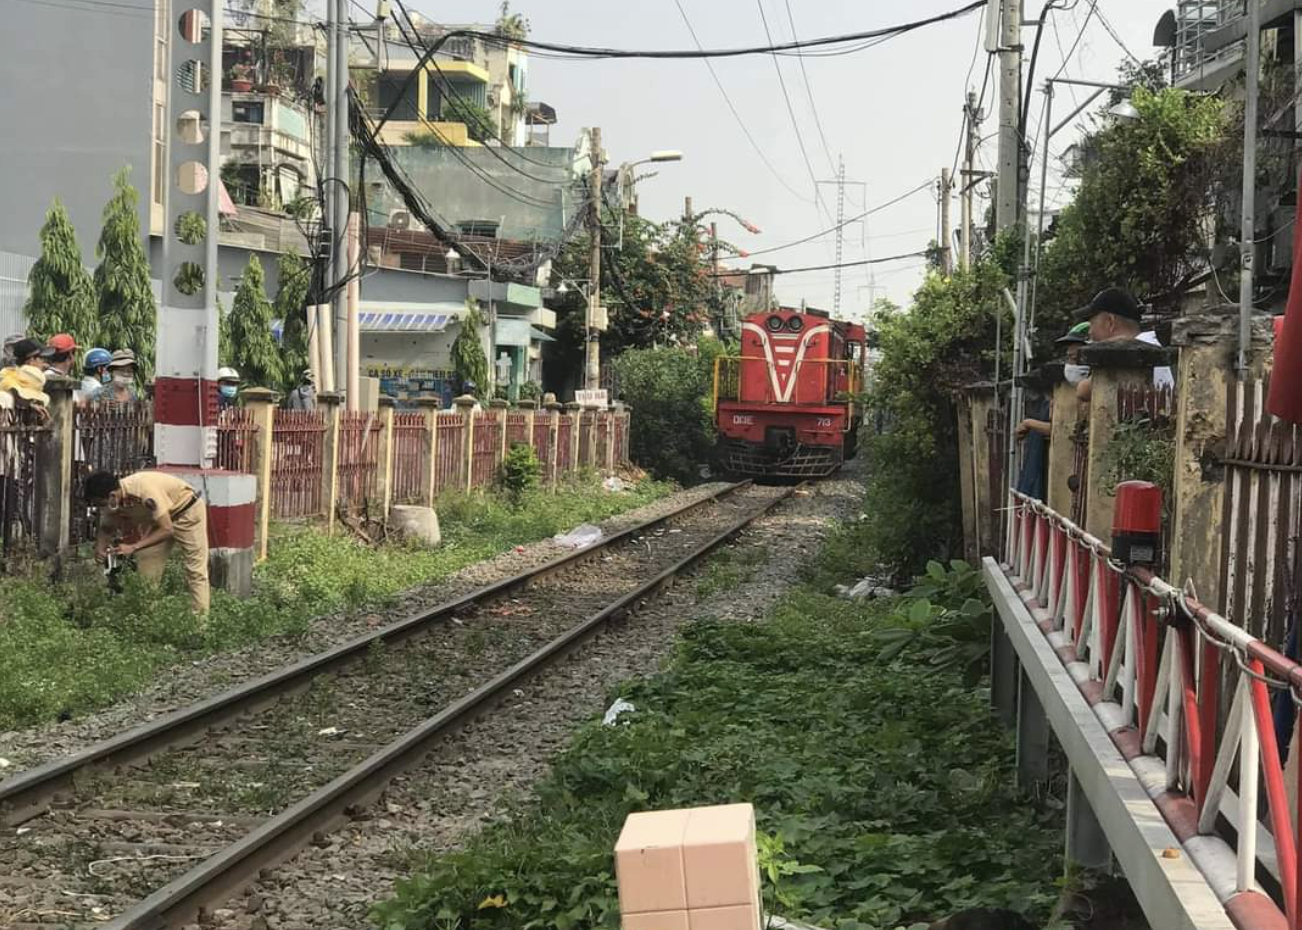 TP.HCM: Cố vượt qua rào chắn tàu hỏa đã đóng, nam shipper bị tông văng xuống đường ray - Ảnh 1.